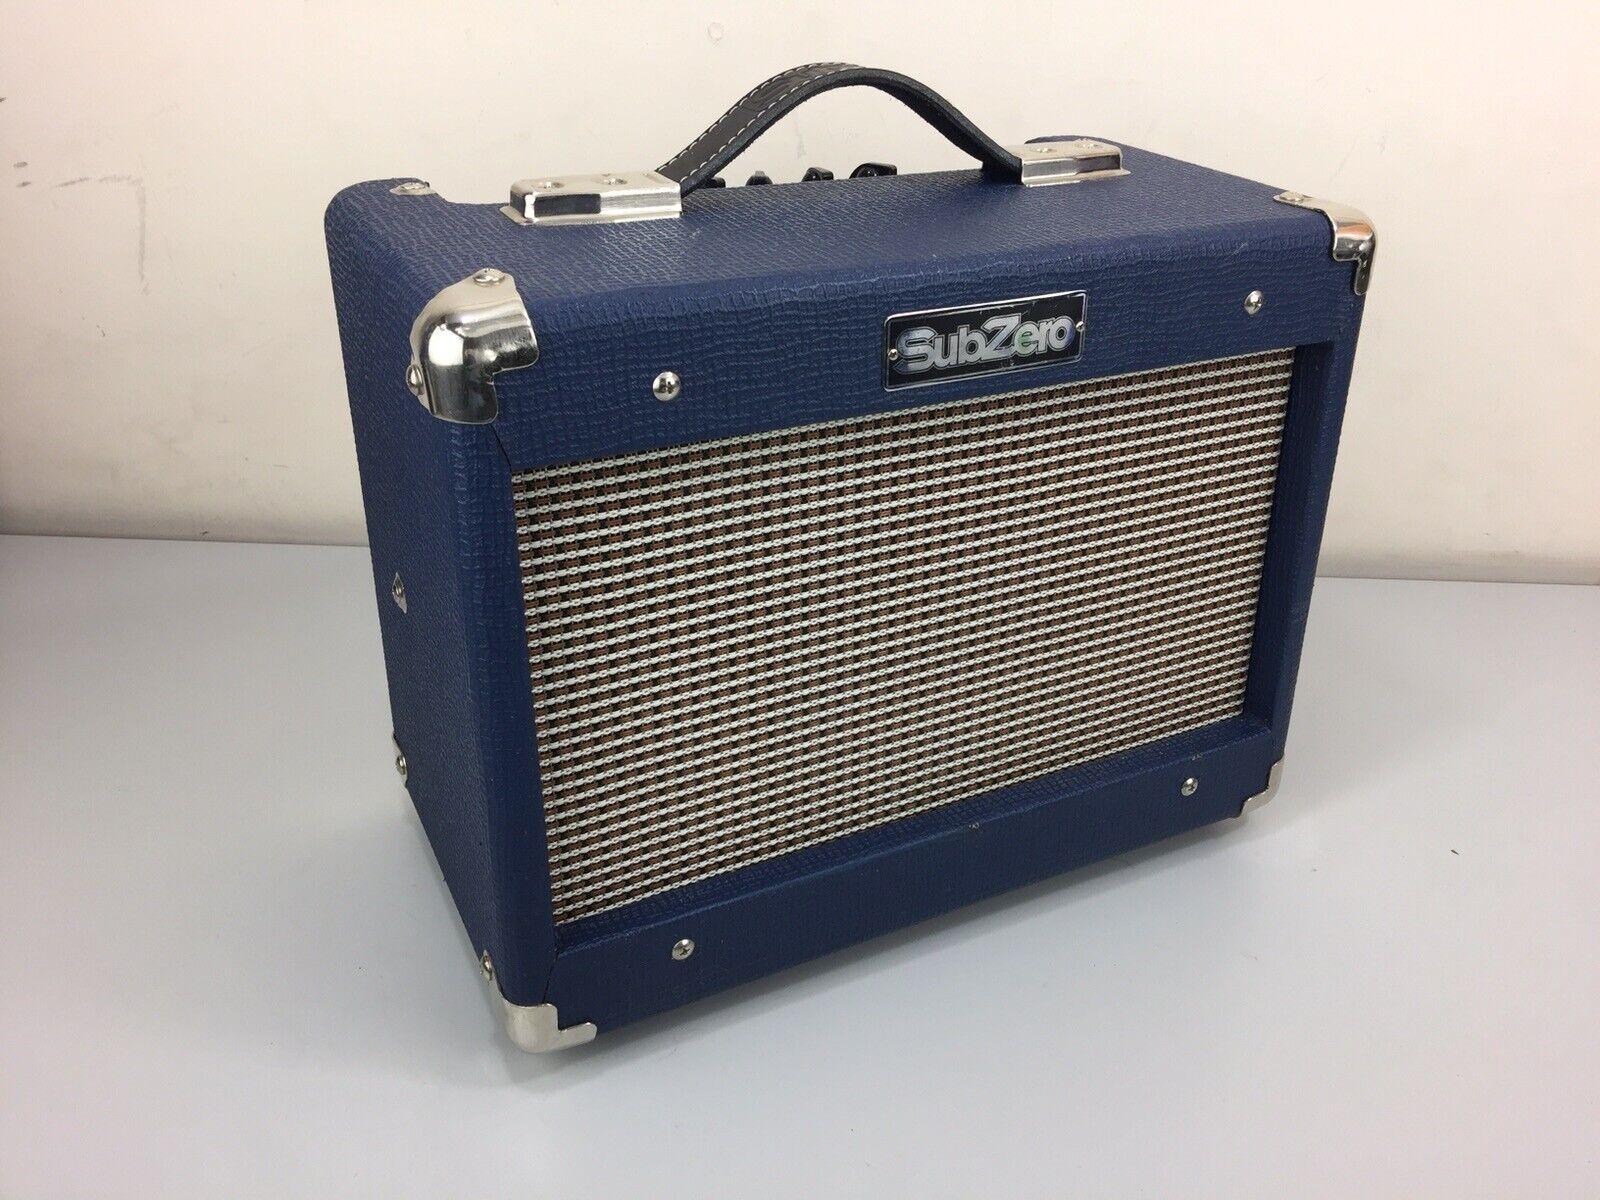 Válvula De De De Sub Zero 5w 5 vatios Amplificador Amplificador De Tubo Amplificador de práctica de guitarra eléctrica 80d9cd